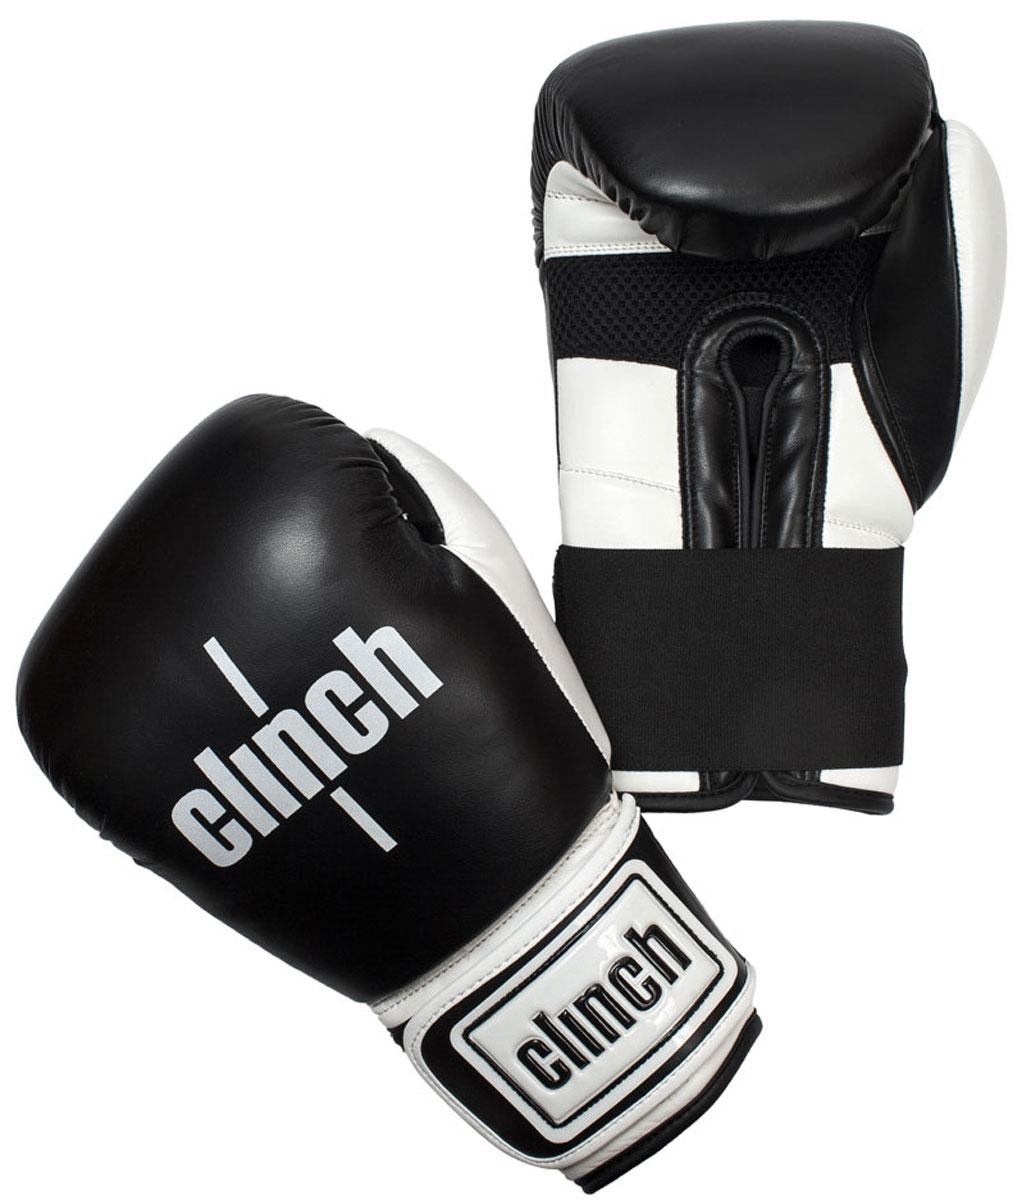 Перчатки боксерские Clinch Punch, цвет: черно-белый, 10 унций. C131adiBC02Боксерские перчатки Punch. Изготовлены из высококачественного, прочного эластичного полиуретана. Многослойный пенный наполнитель обеспечивает улучшенную анатомическую посадку, комфорт и высокий уровень защиты. Широкая резинка позволяет оптимально фиксировать запястье.